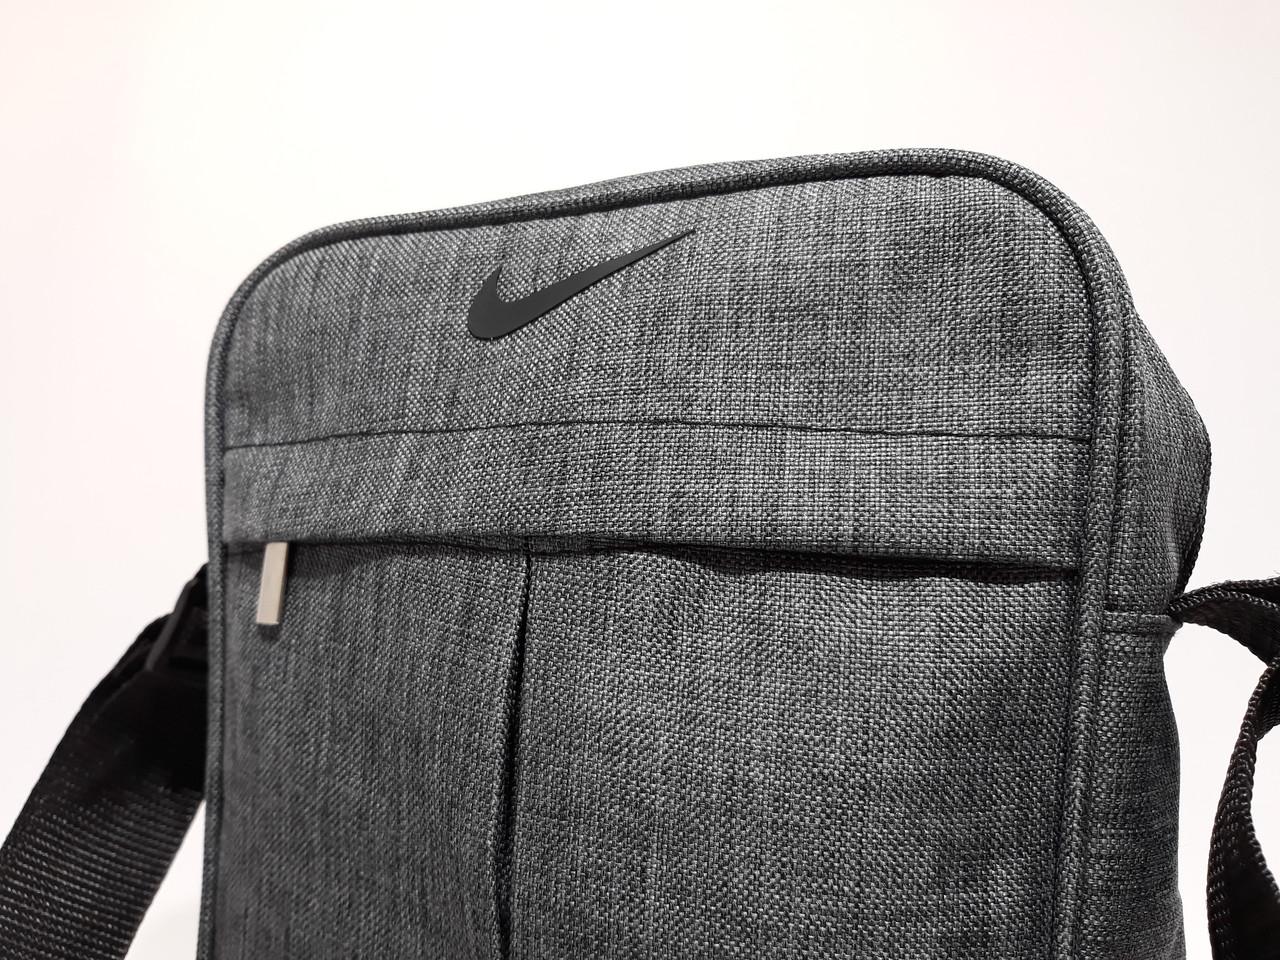 9233cc30 ... Мужская сумка через плече спортивного типа Nike реплика люкс качества,  Серая с темным оттенком, ...